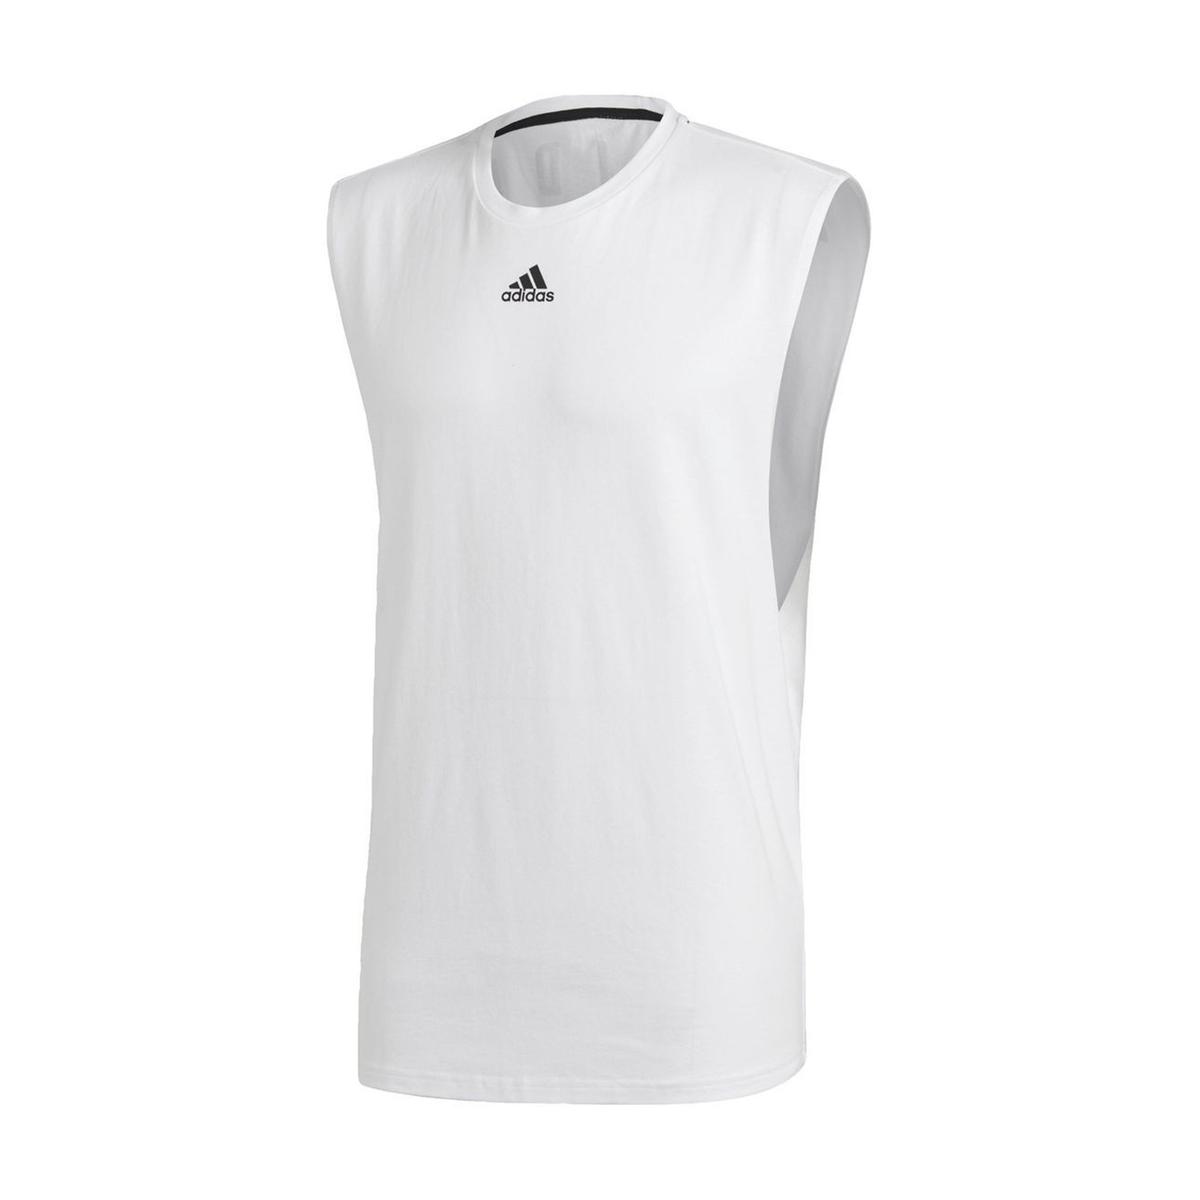 Camiseta sin mangas con cuello redondo y estampado detrás